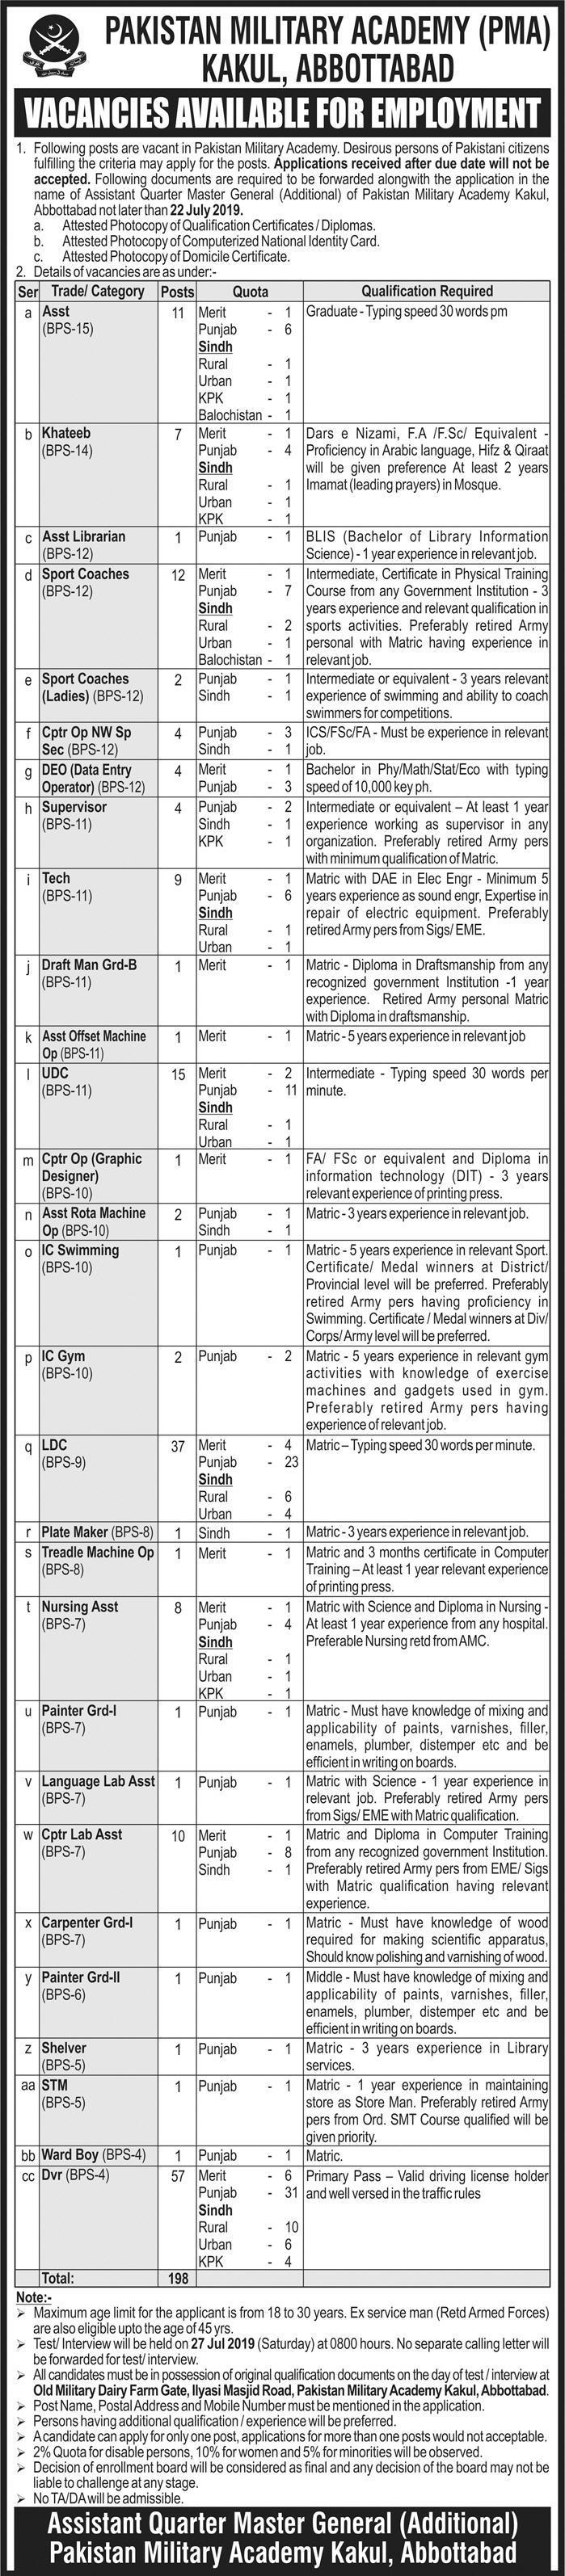 Pakistan Military Academy PMA Kakul Abbottabad Jobs 2019